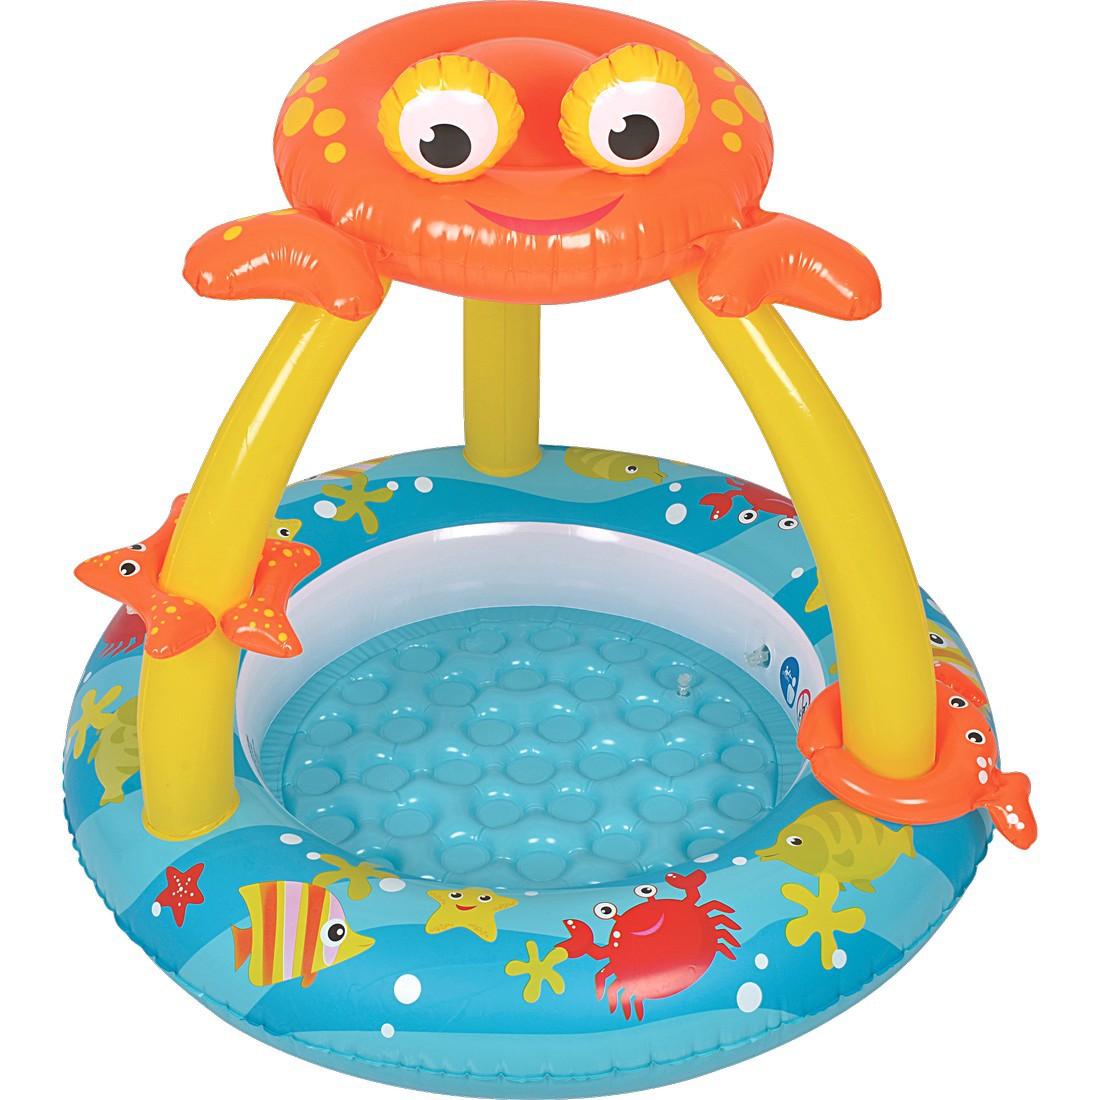 jilong crab baby pool plus kinder planschbecken mit aufblasbarem boden und sonnenschutz f r. Black Bedroom Furniture Sets. Home Design Ideas